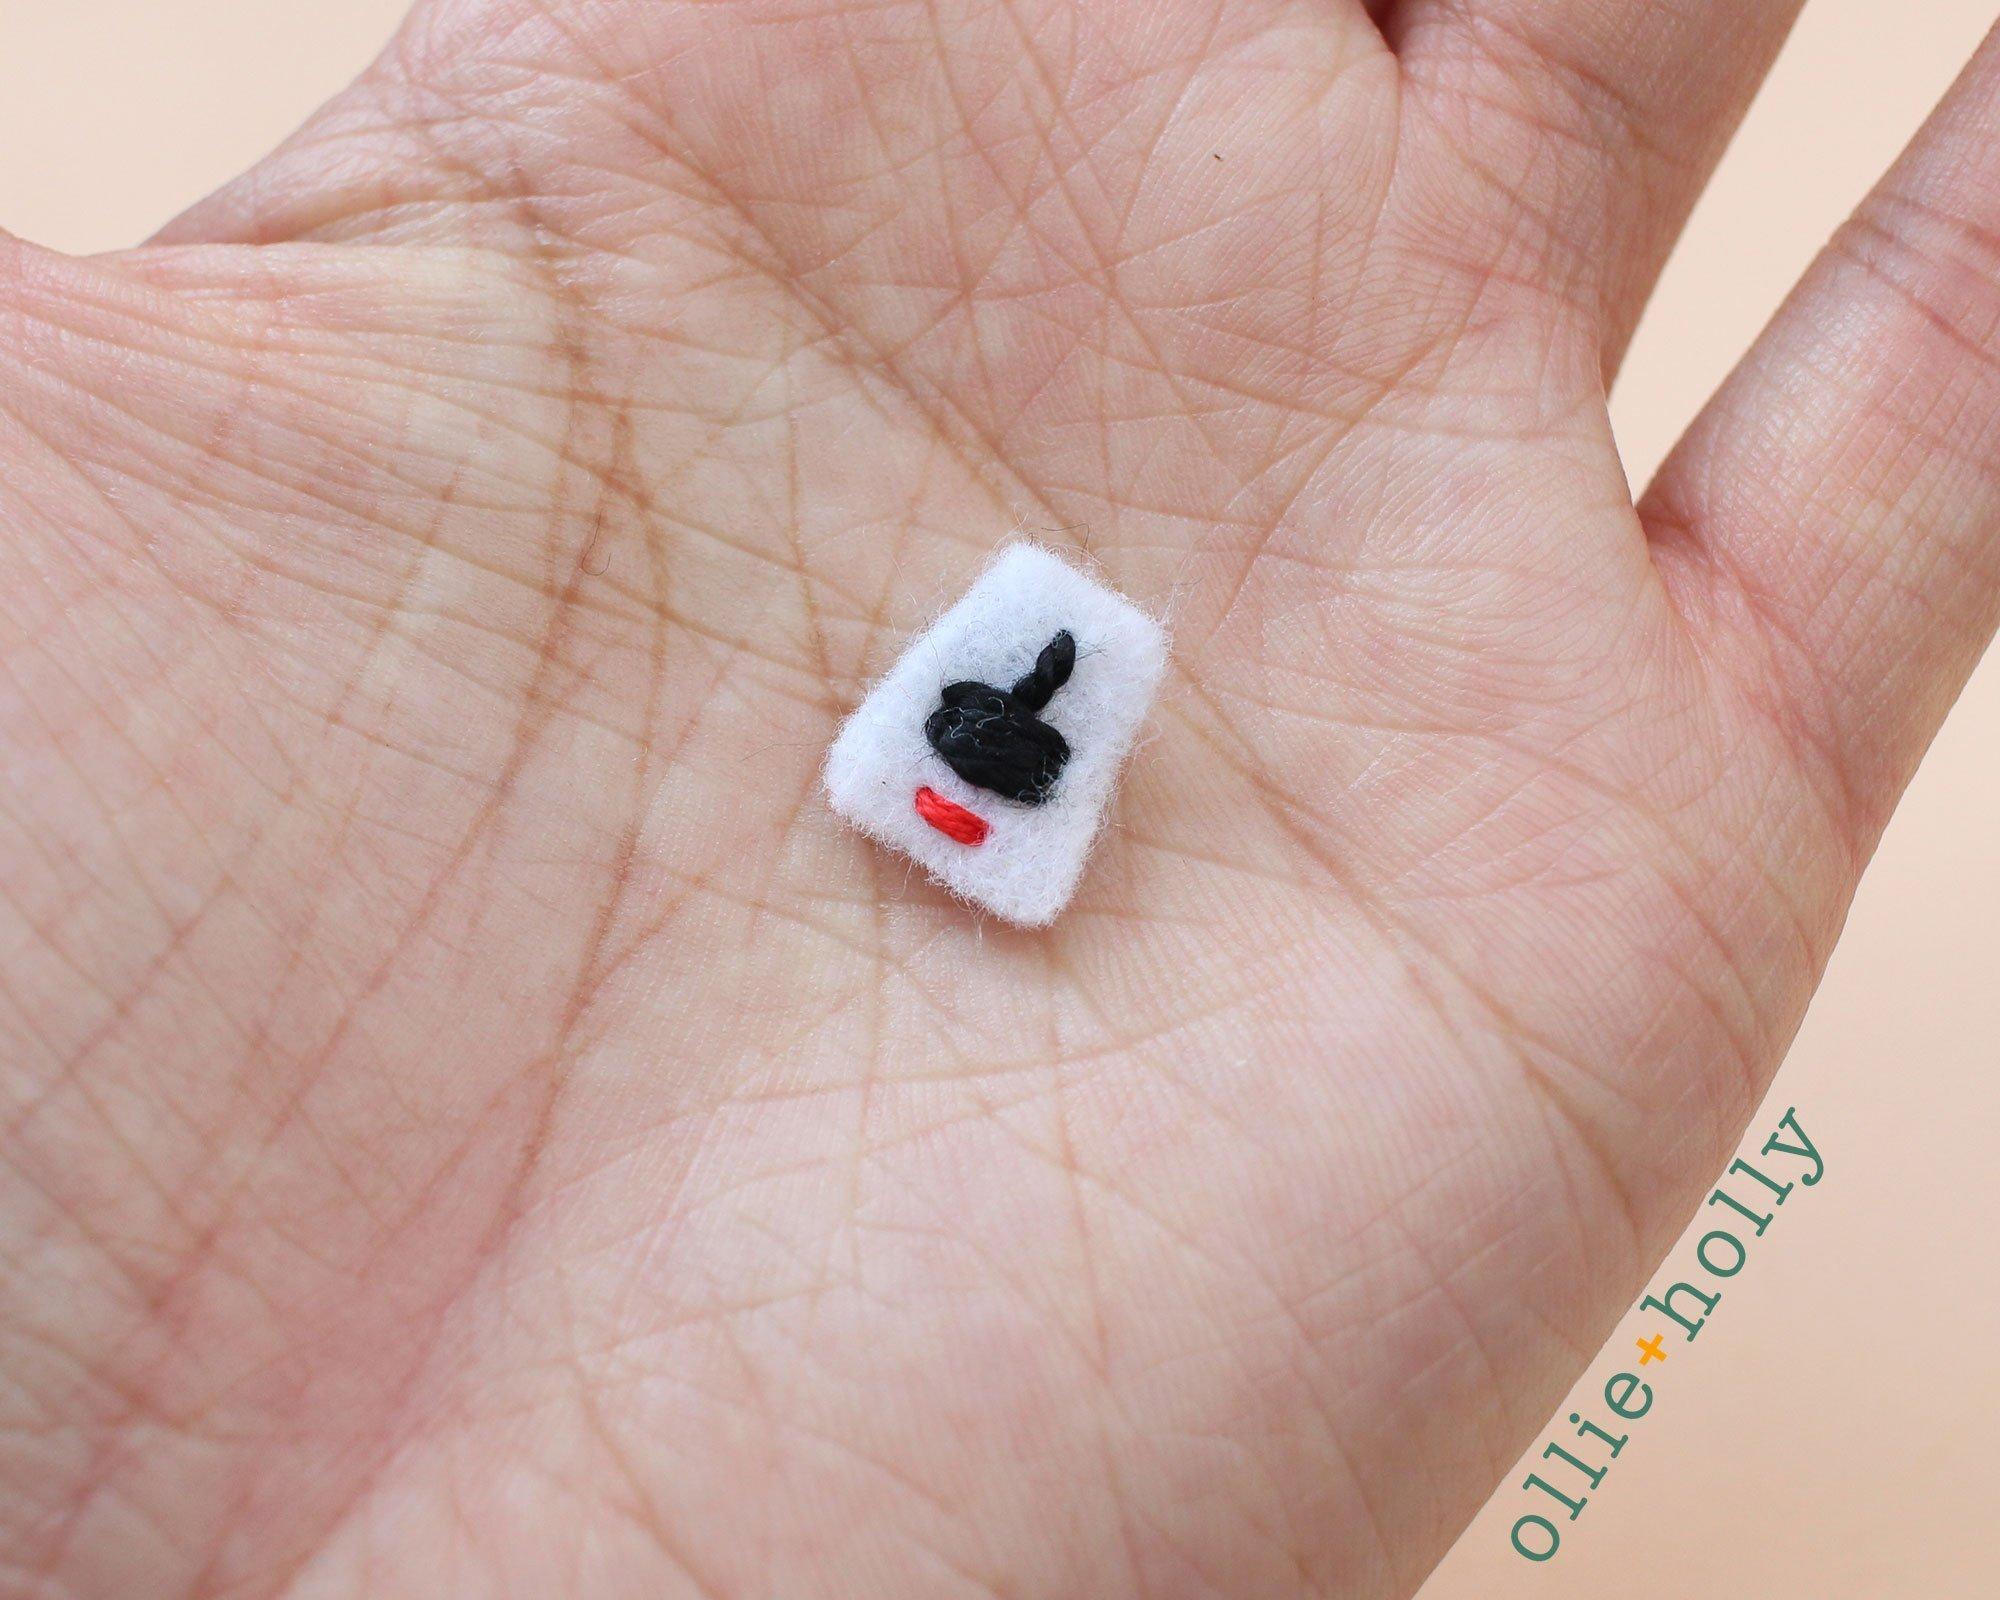 Free Taiwan Tatung Rice Cooker Amigurumi Keychain/Ornament Crochet Pattern Step 9